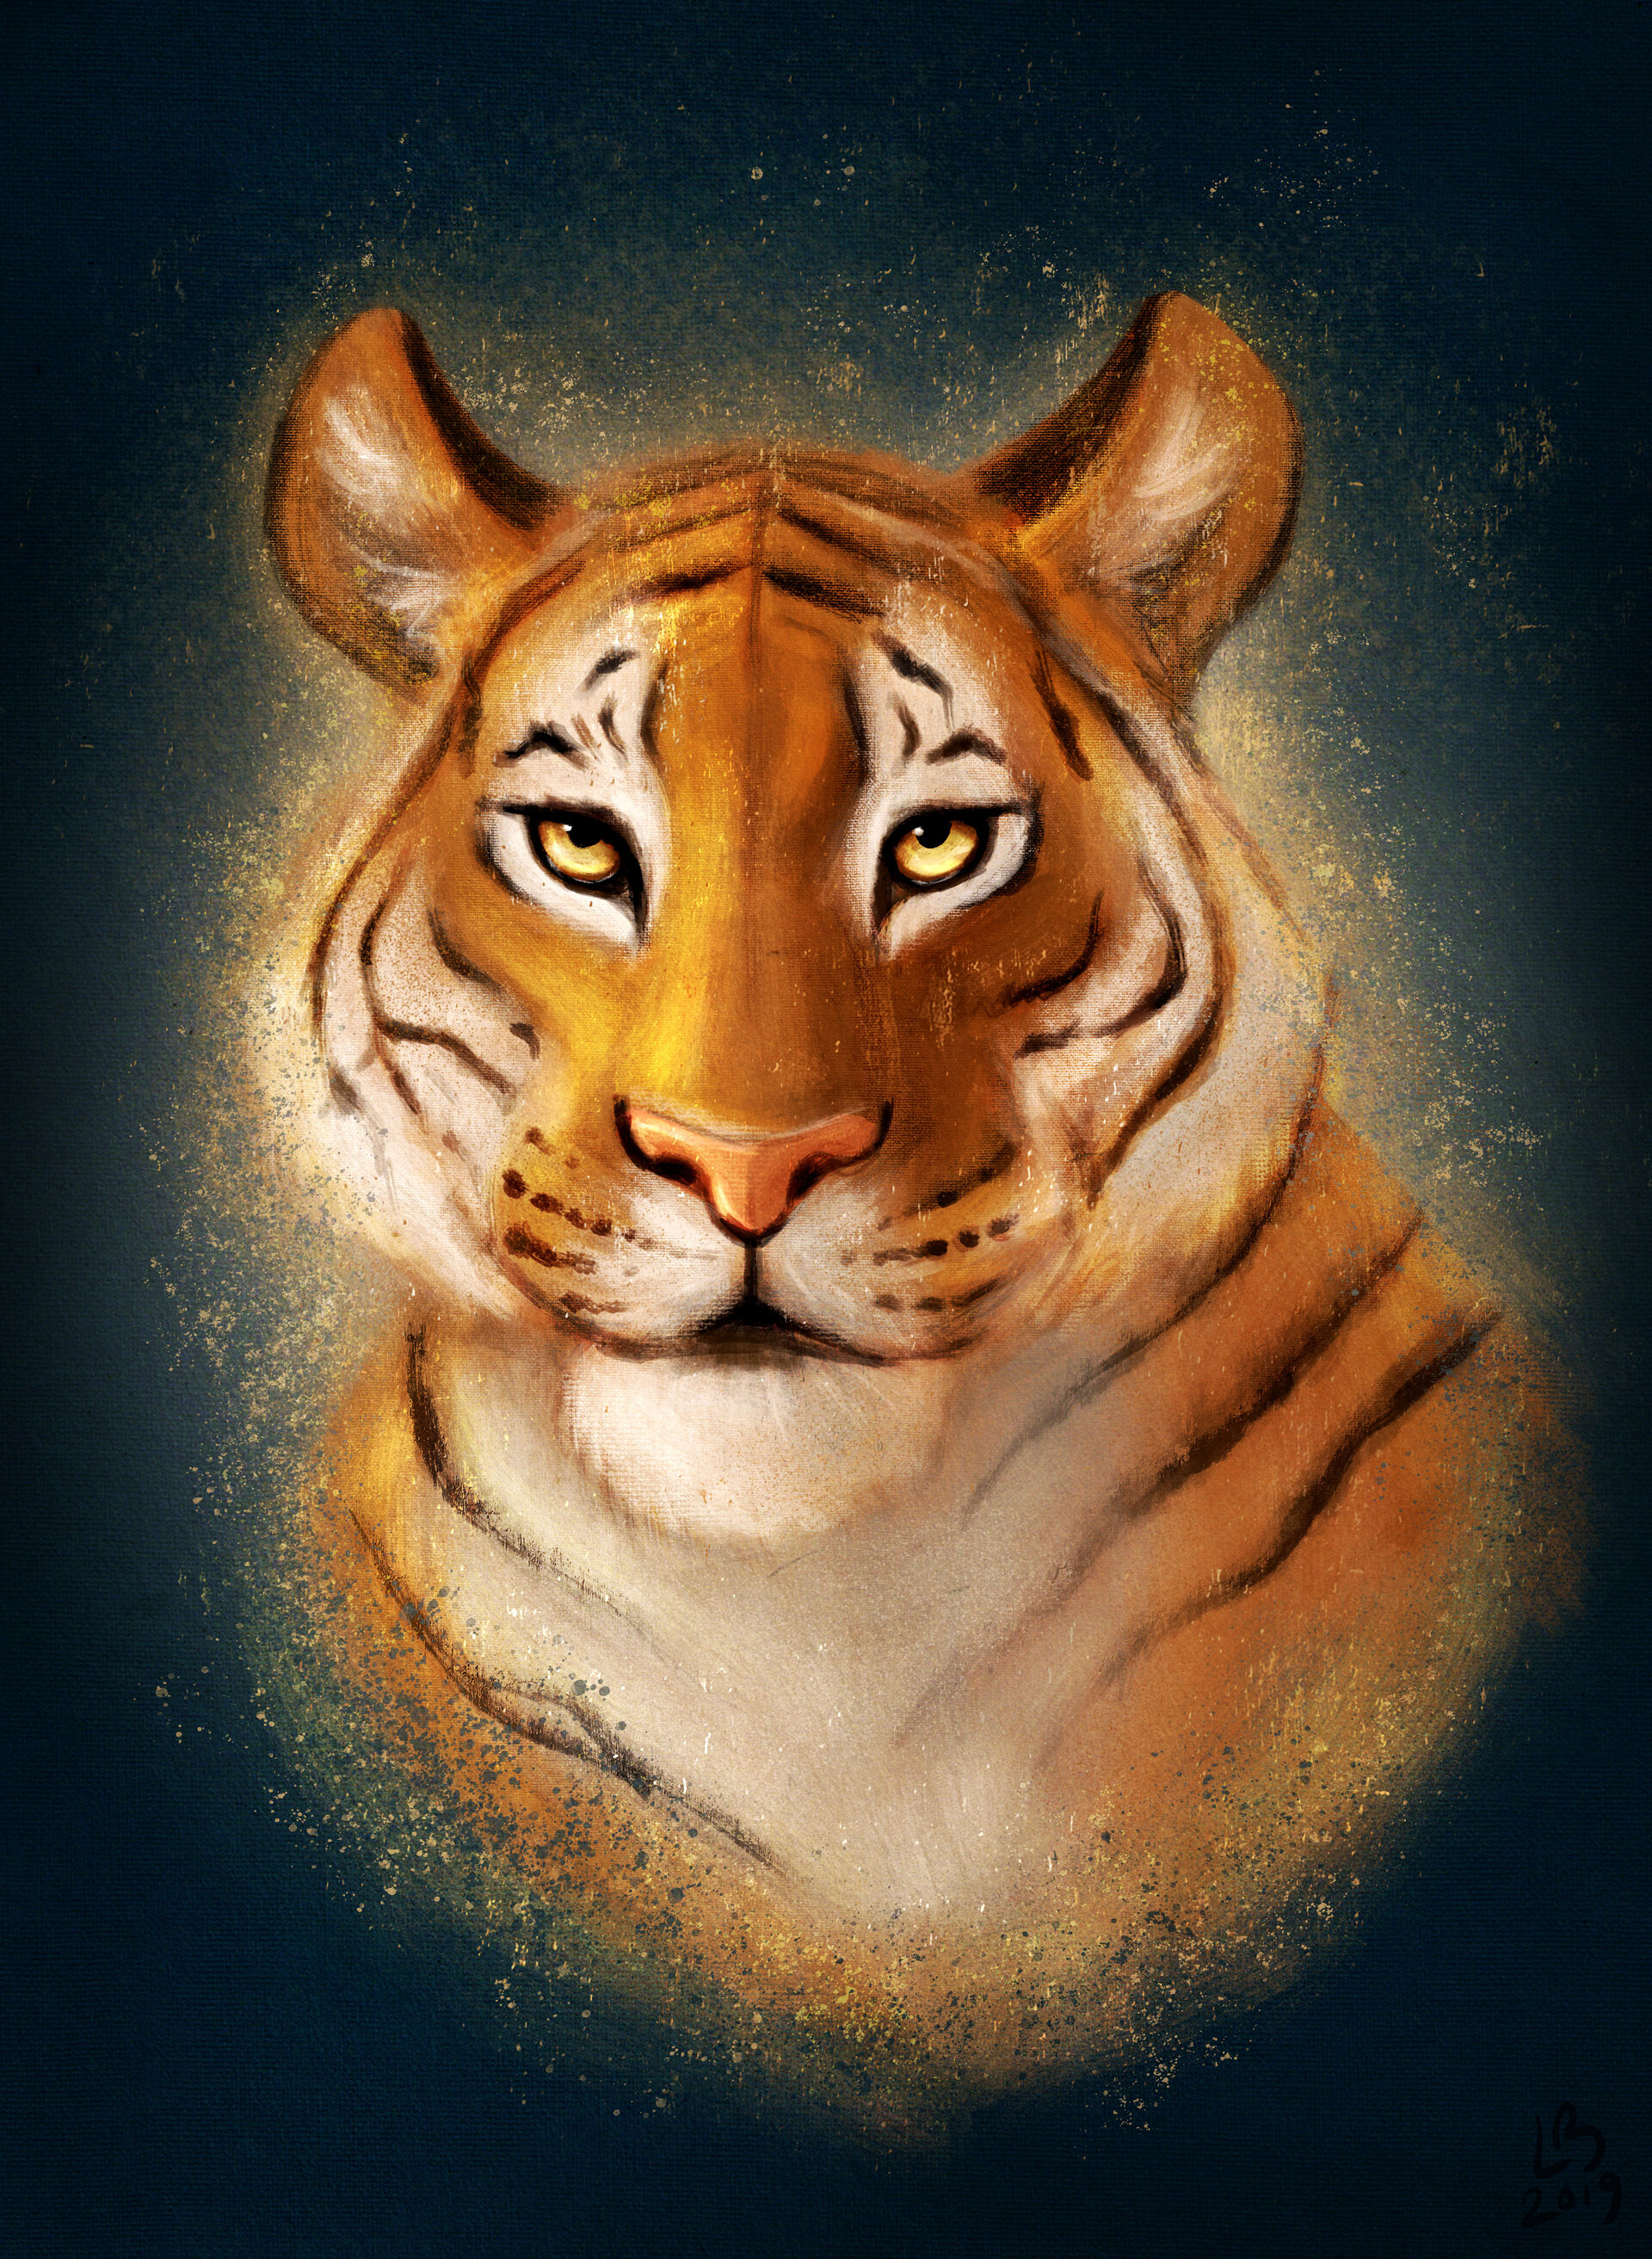 Lara bendoris tigertiger1